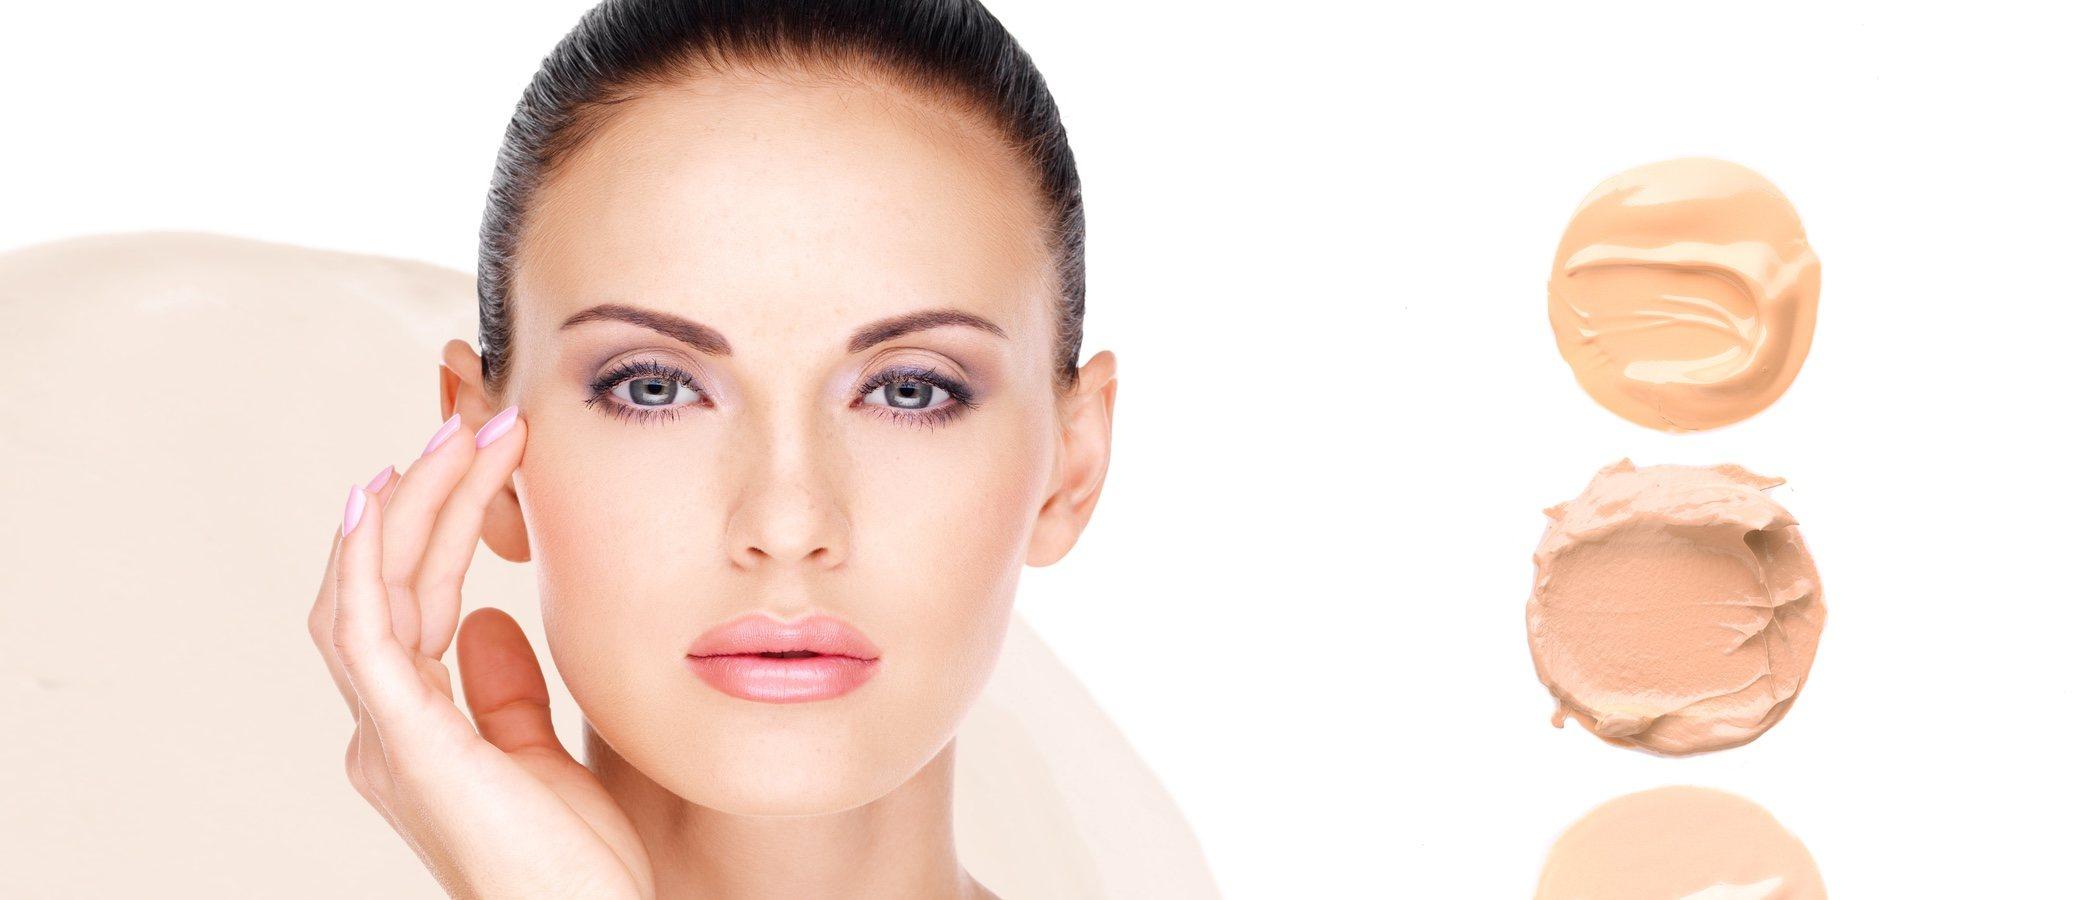 5 prebases de sombras de ojos low cost que no pueden faltar en tu kit de maquillaje